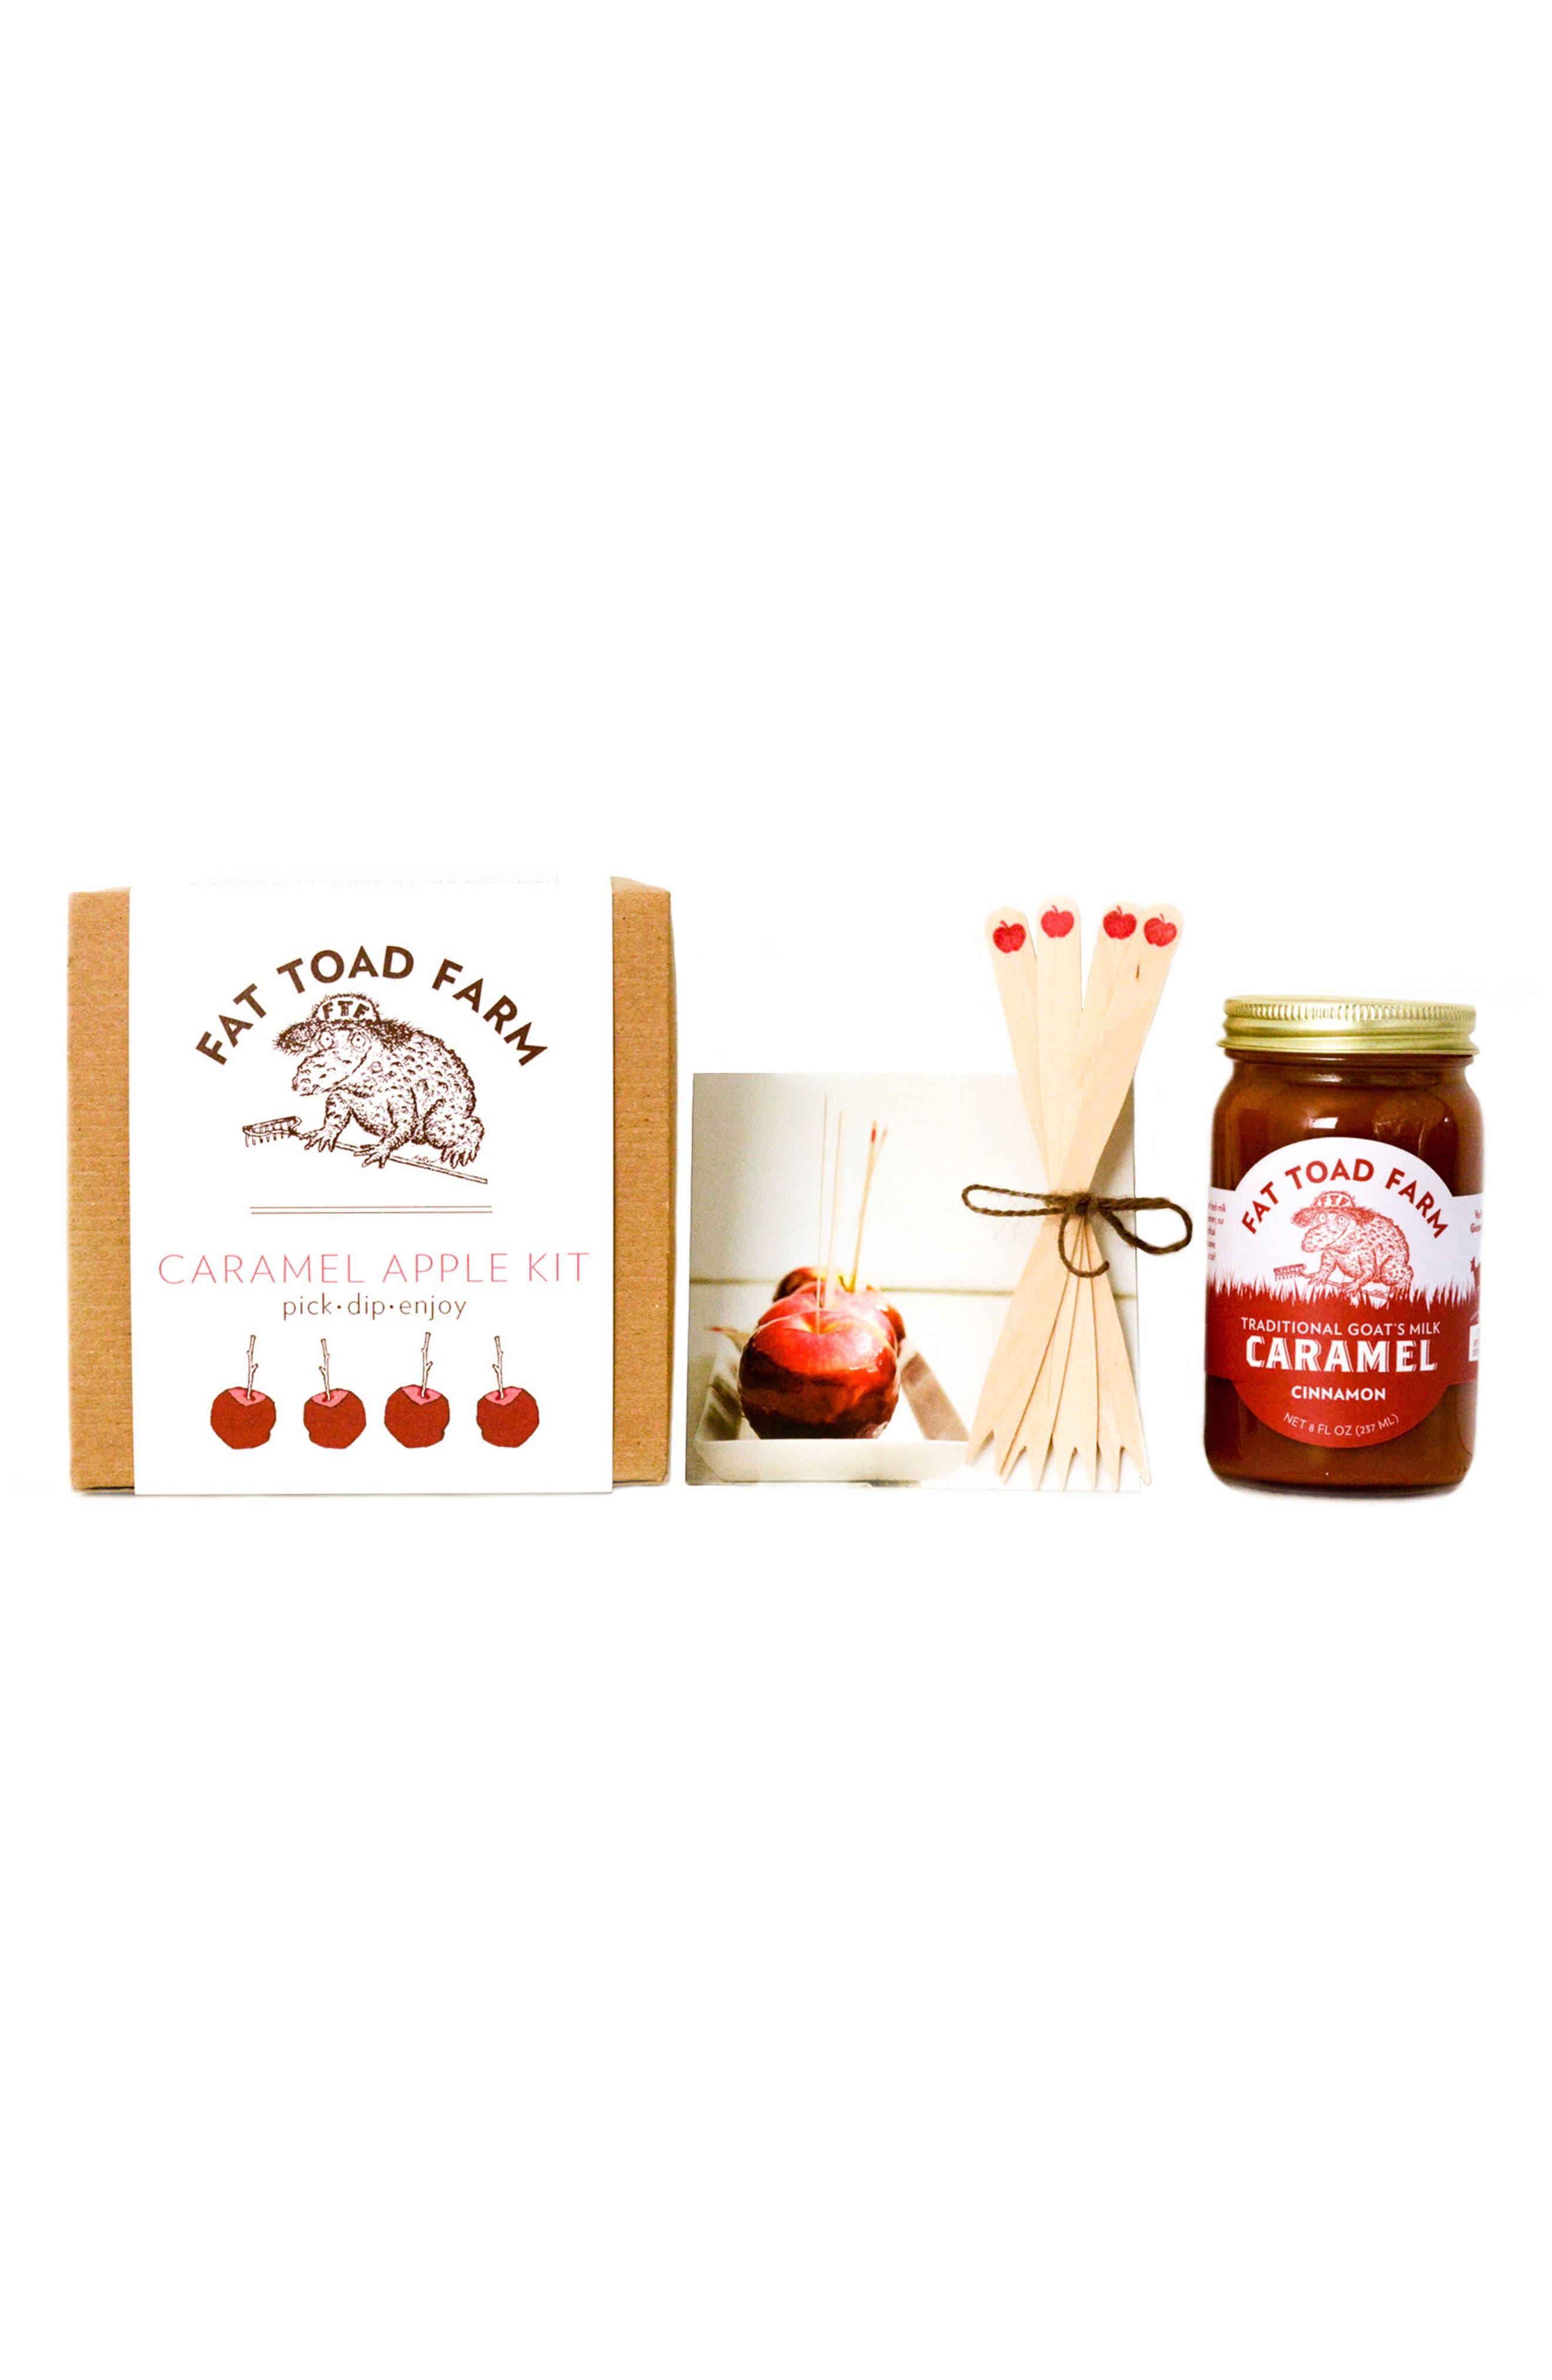 Fat Toad Farm Caramel Apple Kit